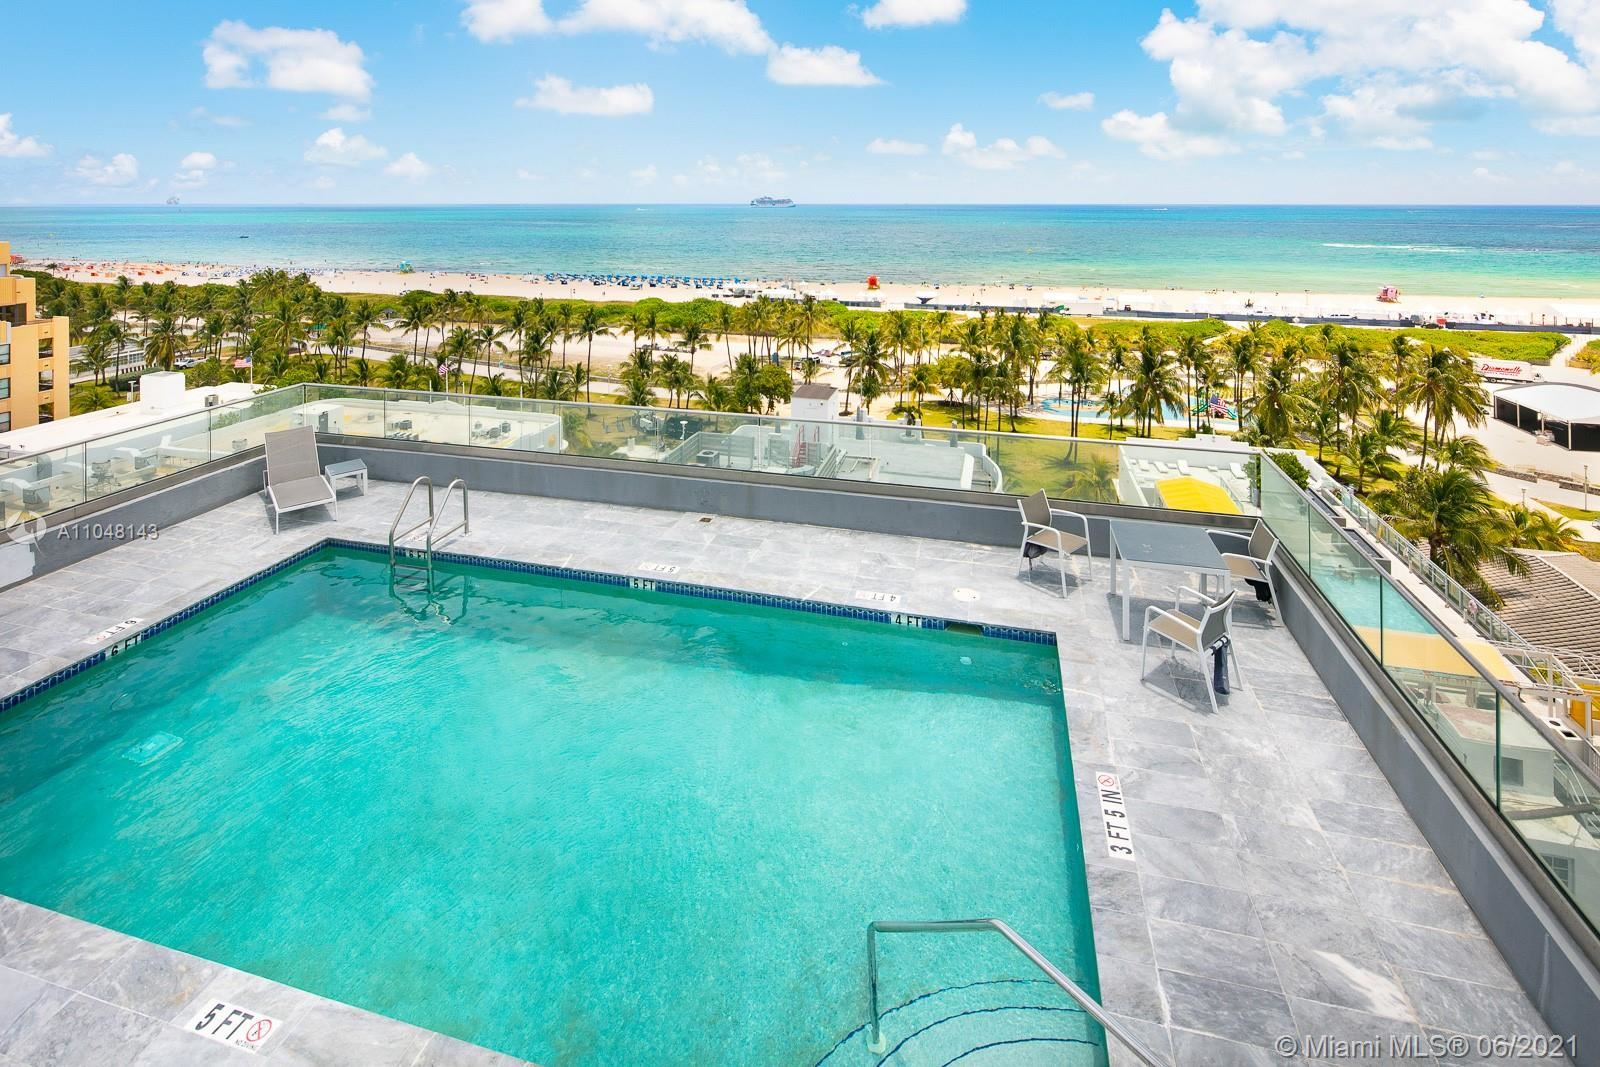 1255 Collins Ave #503, Miami Beach, FL 33139 - #: A11048143